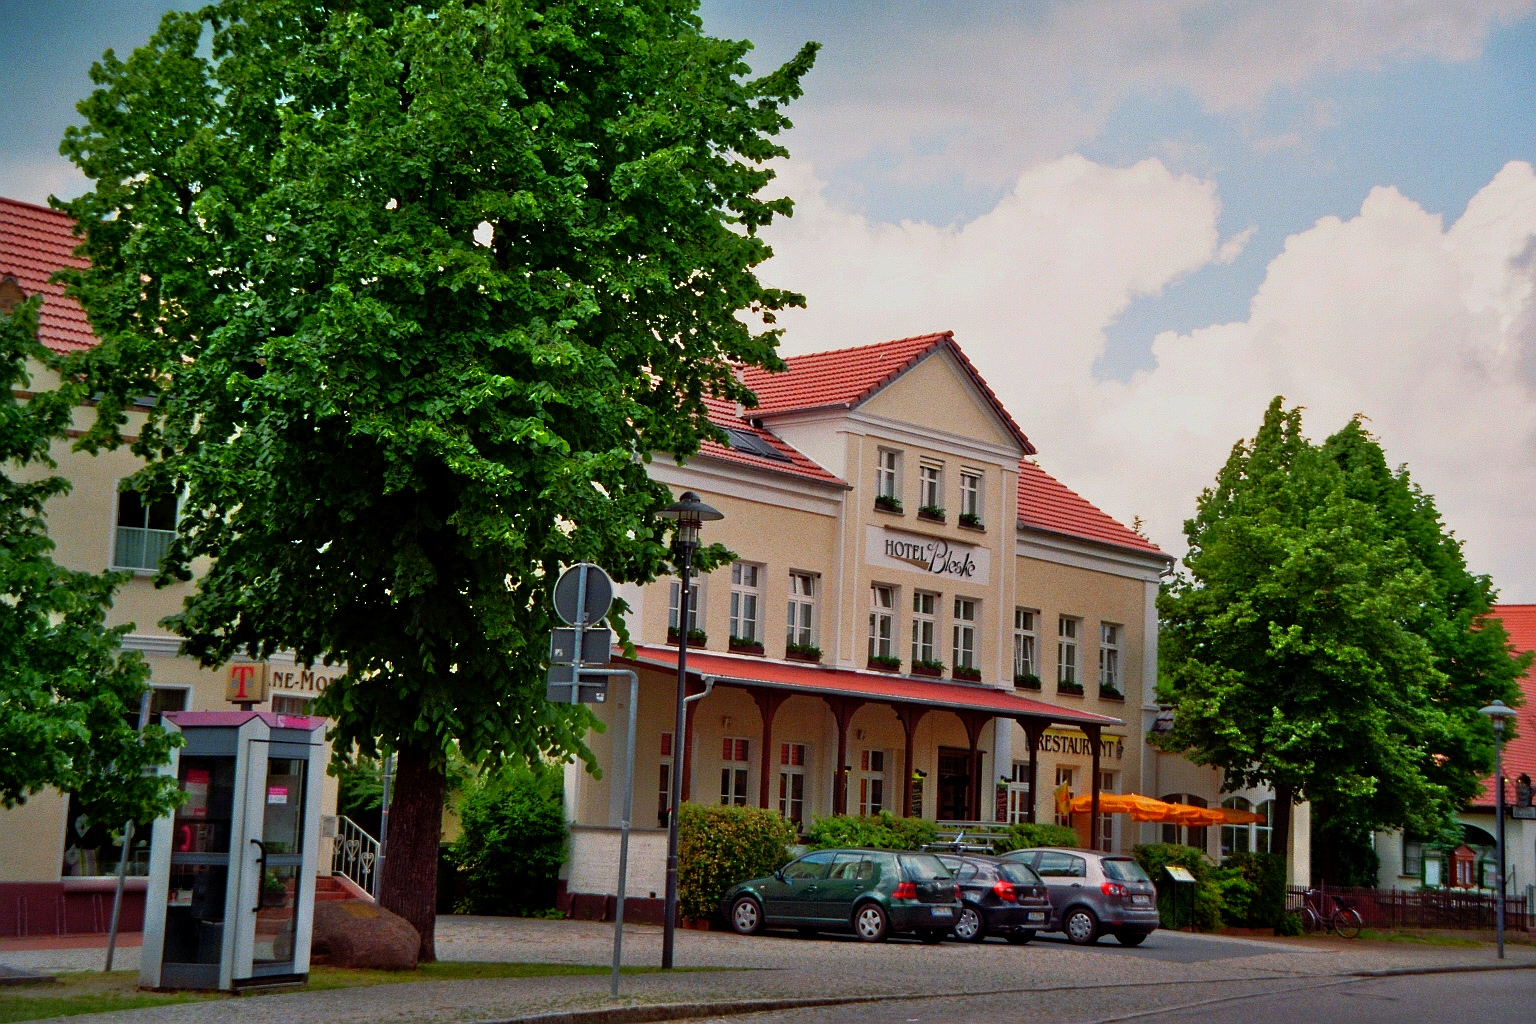 Hotel Und Restaurant Bergschlosschen Buckow Markische Schweiz